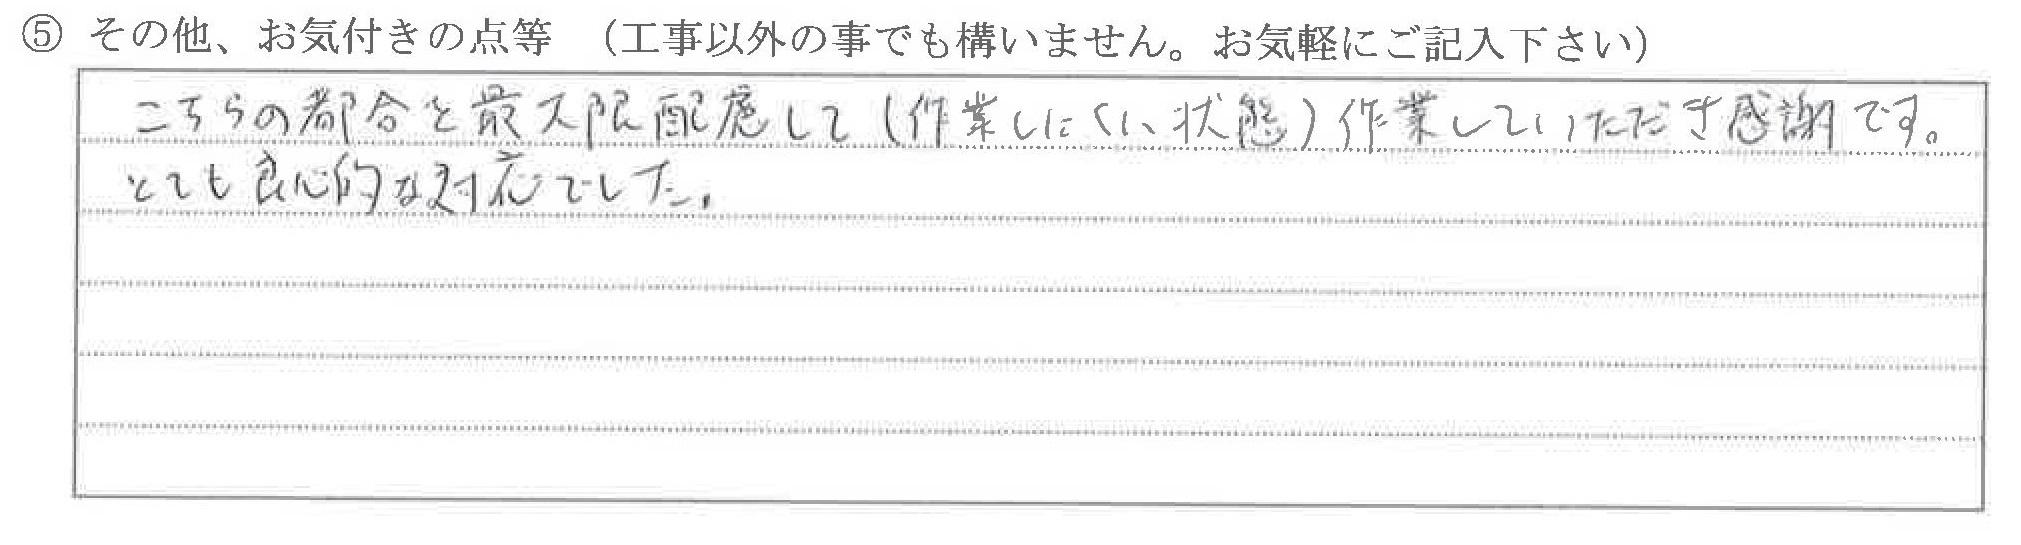 石川県かほく市M様に頂いたトーションバー交換についてのお気づきの点がありましたら、お聞かせ下さい。というご質問について「ガレージメンテナンス【お喜びの声】」というお声についての画像